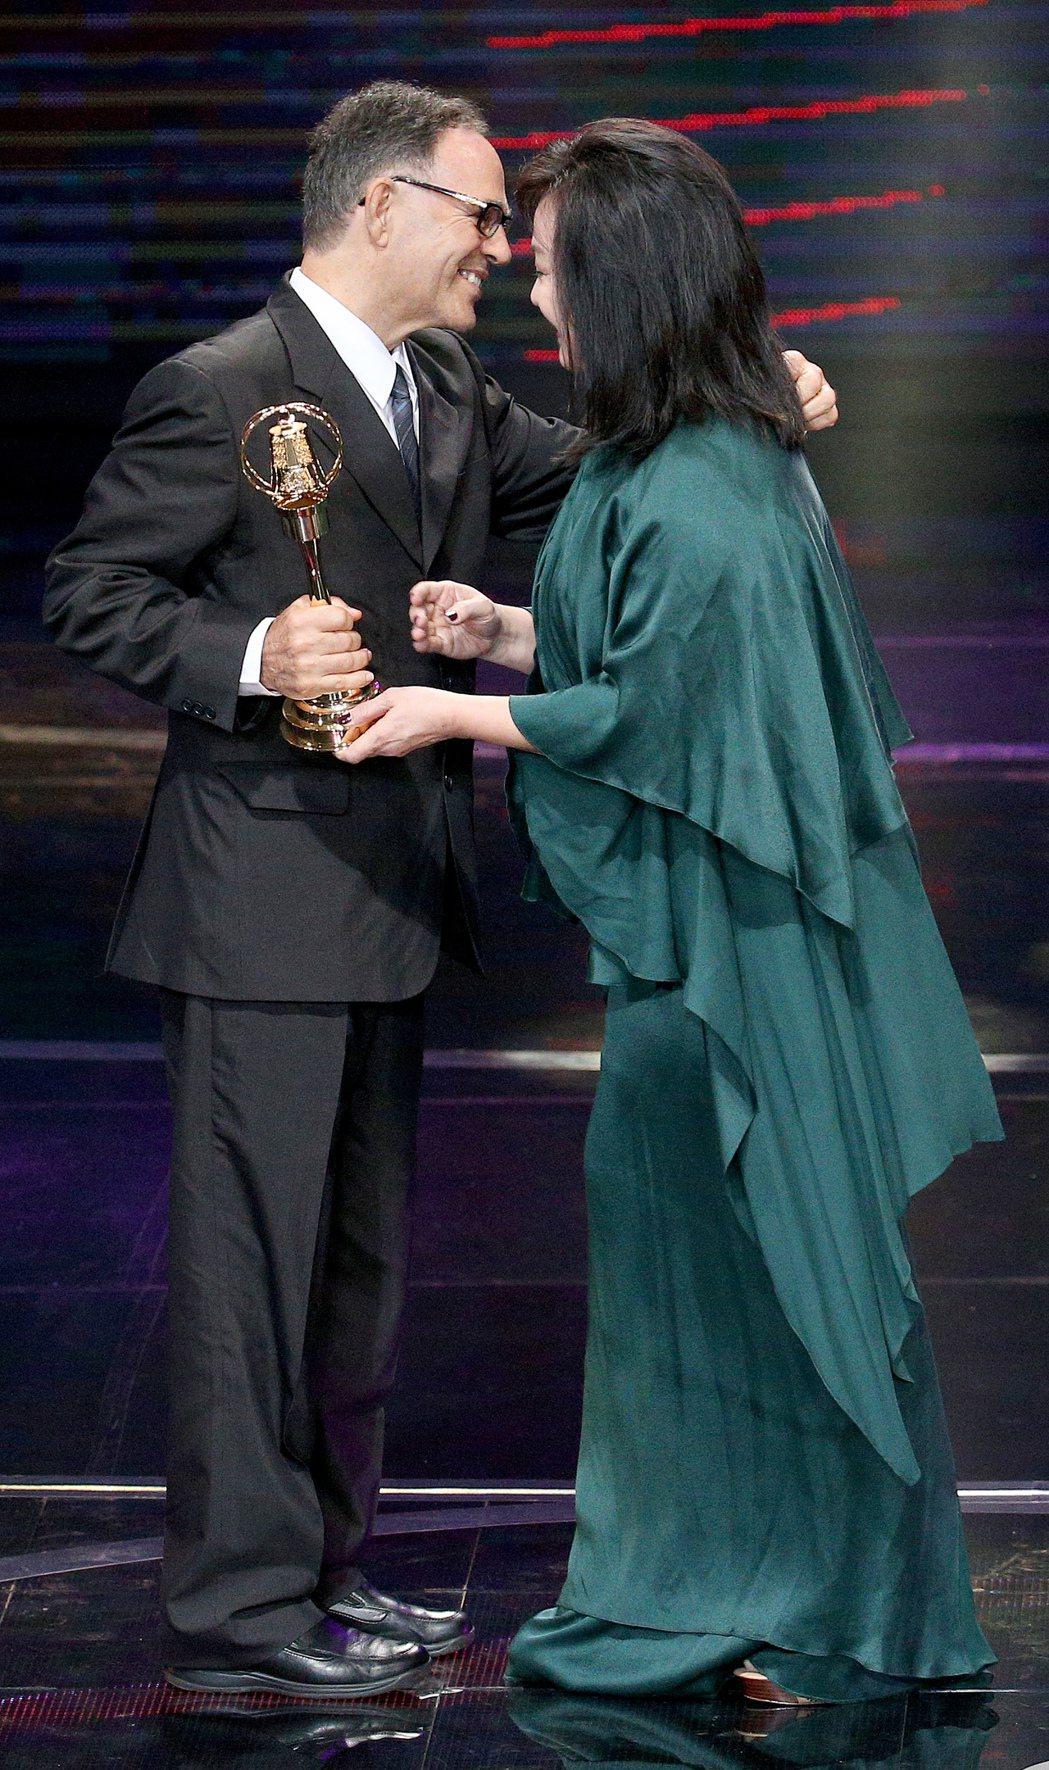 第52屆金鐘獎頒獎典禮在國父紀念館舉行,已故的丁松筠神父獲特殊貢獻獎,由弟弟(左...